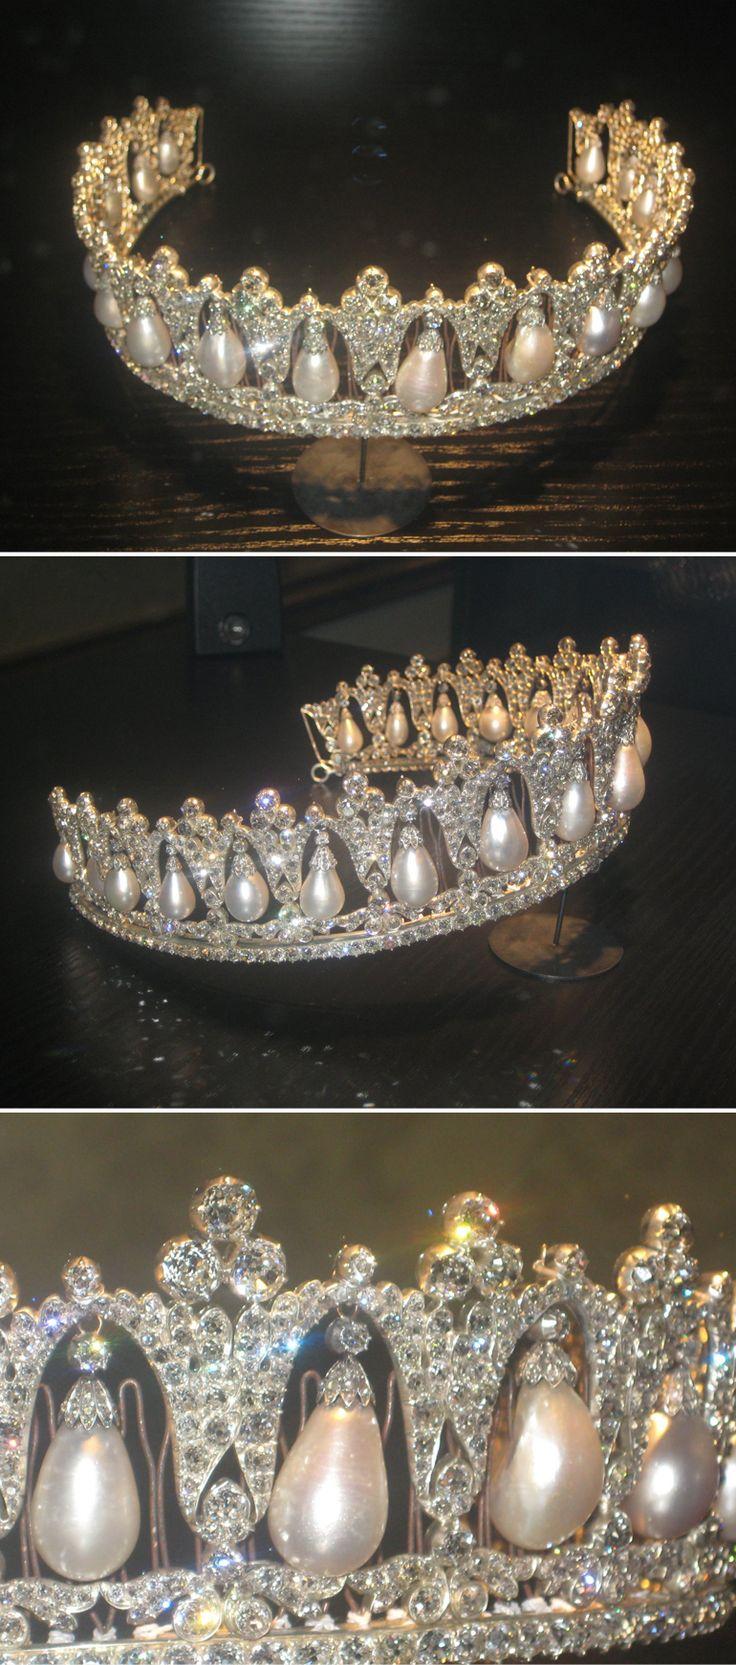 تيجان ملكية  امبراطورية فاخرة 6eab92c6c1a1dbfbe9a195f037d0a8a0